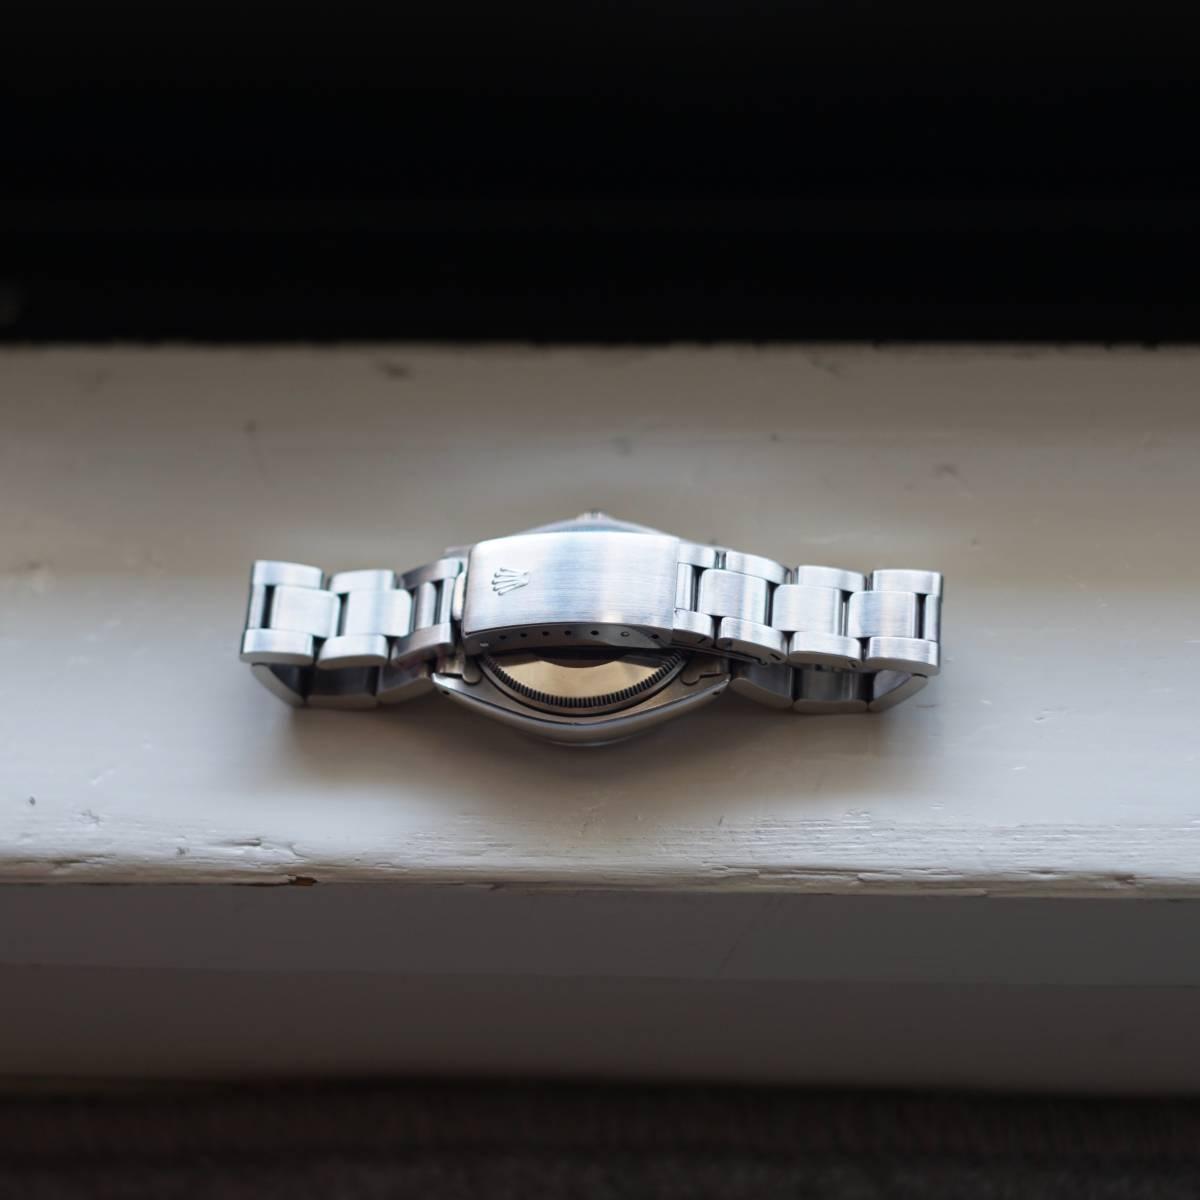 超美品 Rolex 5500 Explorer Cartier Wネーム カルティエ ロレックス エクスプローラー 5500 リダン OH済 仕上げ済 リベットブレス_画像5